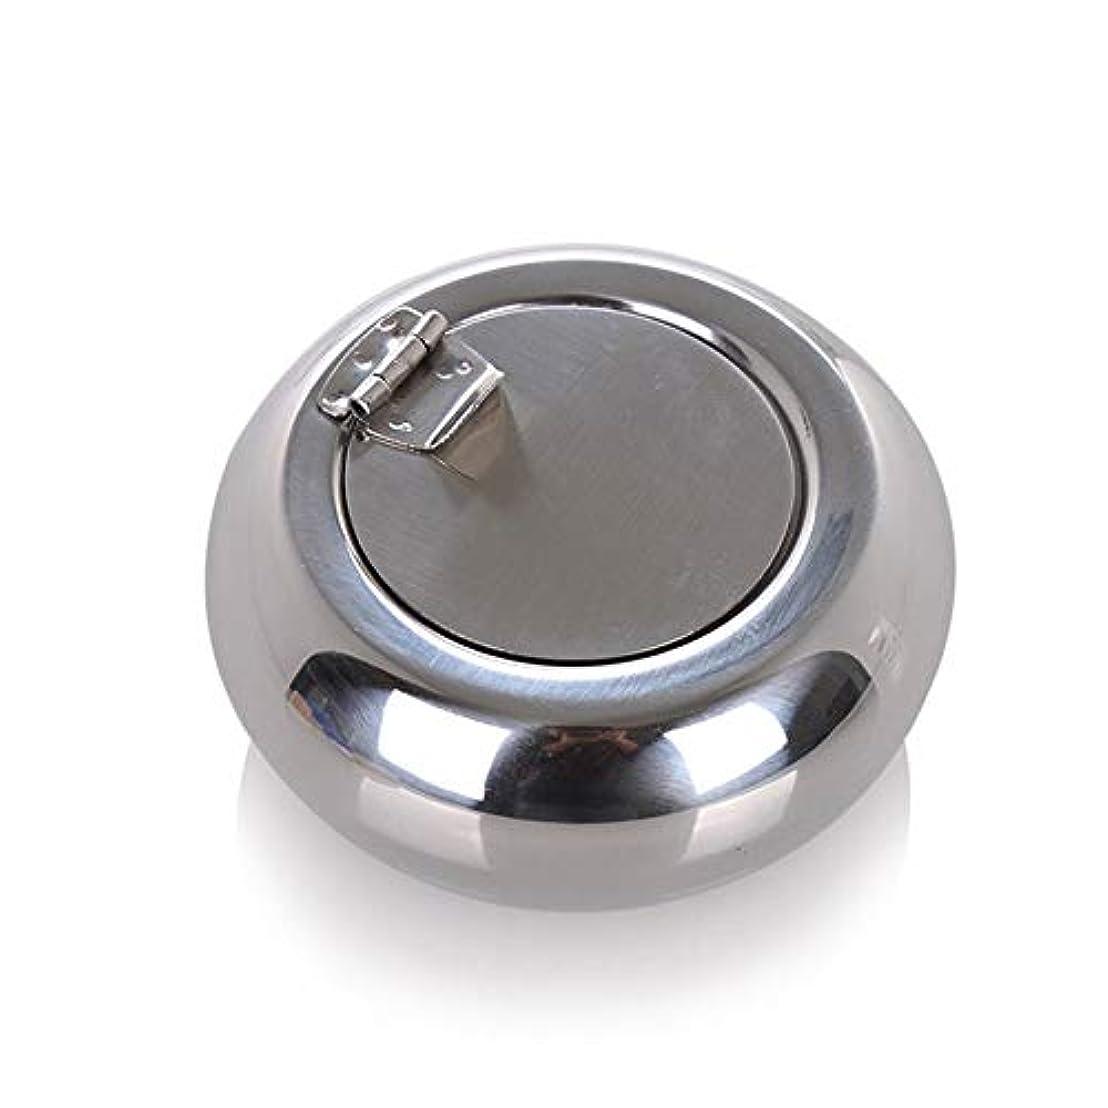 くしゃみカーペット約束するドラム型のステンレス鋼の灰皿防風カバーヨーロッパの灰皿の人格トレンド金属煤創造的な家、高品質のステンレス鋼、防風カバー灰皿ゴールドブラック色 (色 : 銀, Size : S)